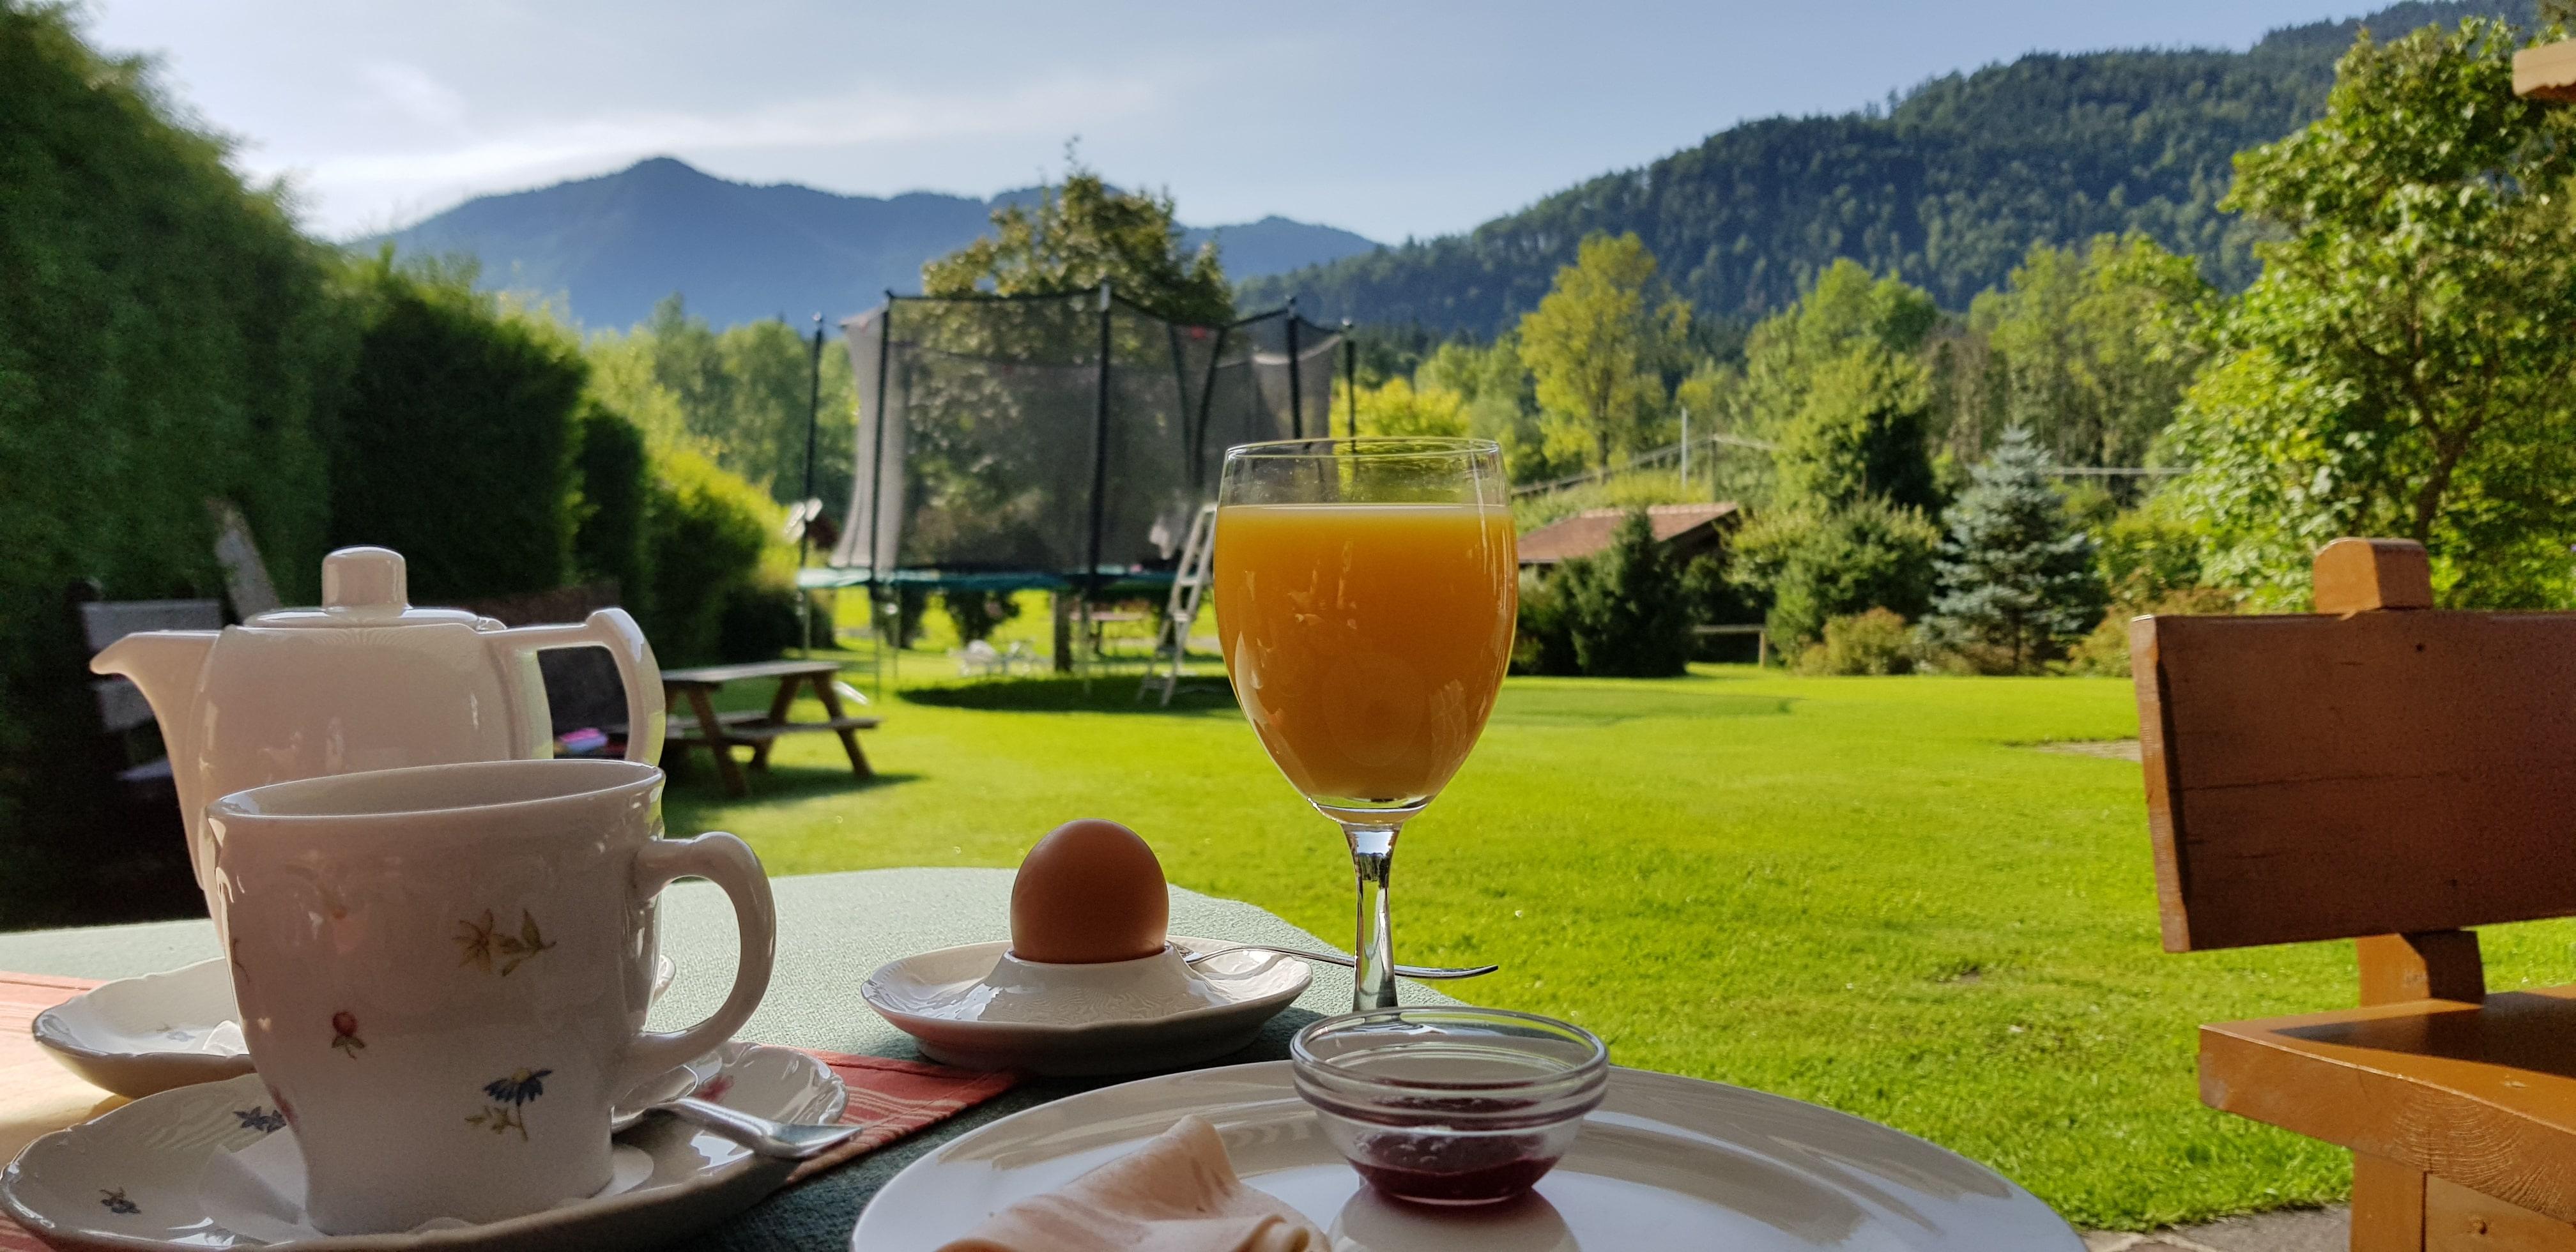 Fühstück im Garten